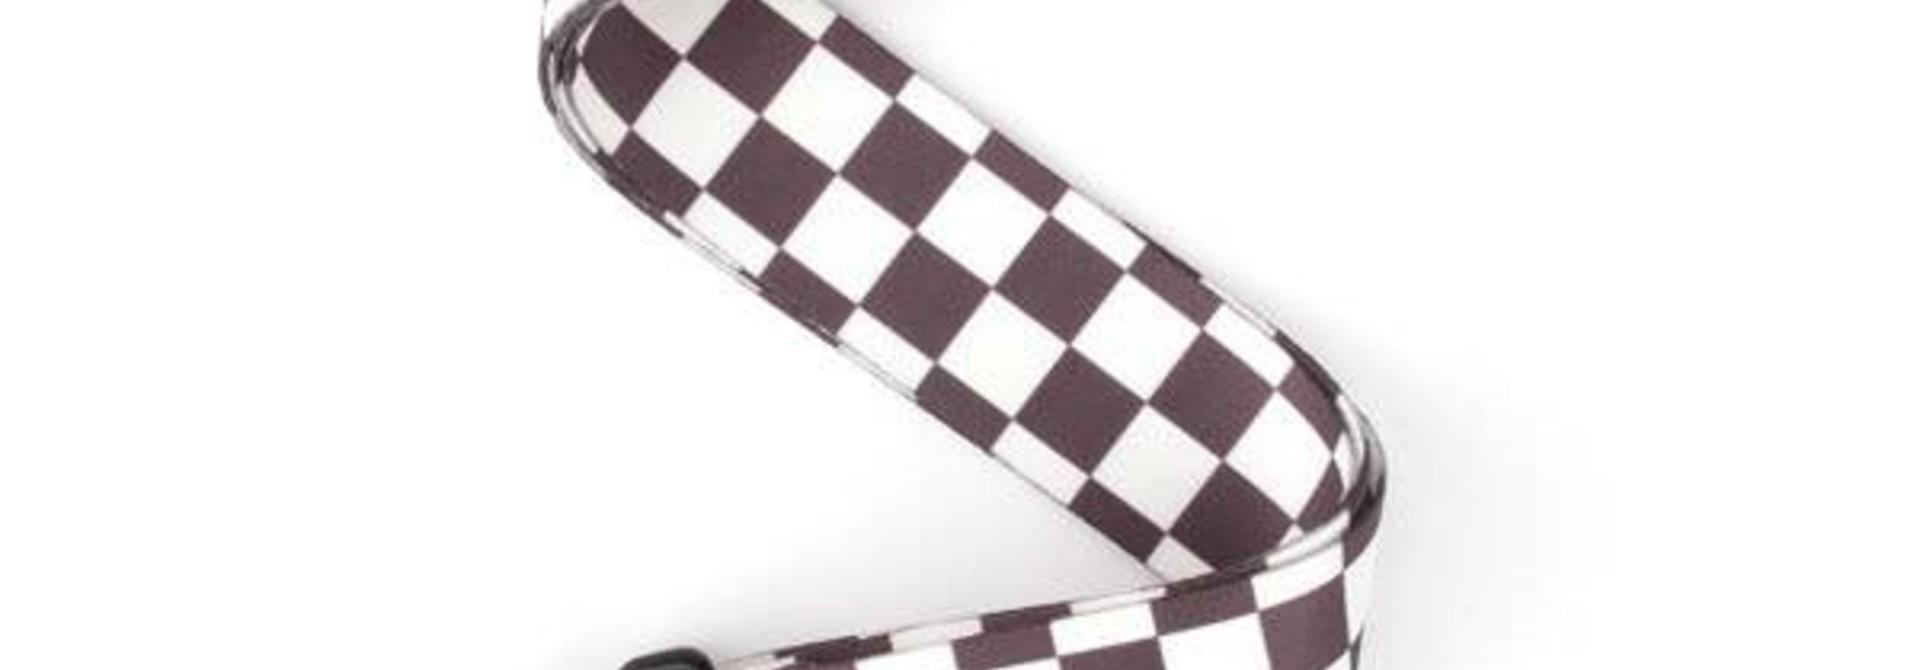 Strap Checkerboard